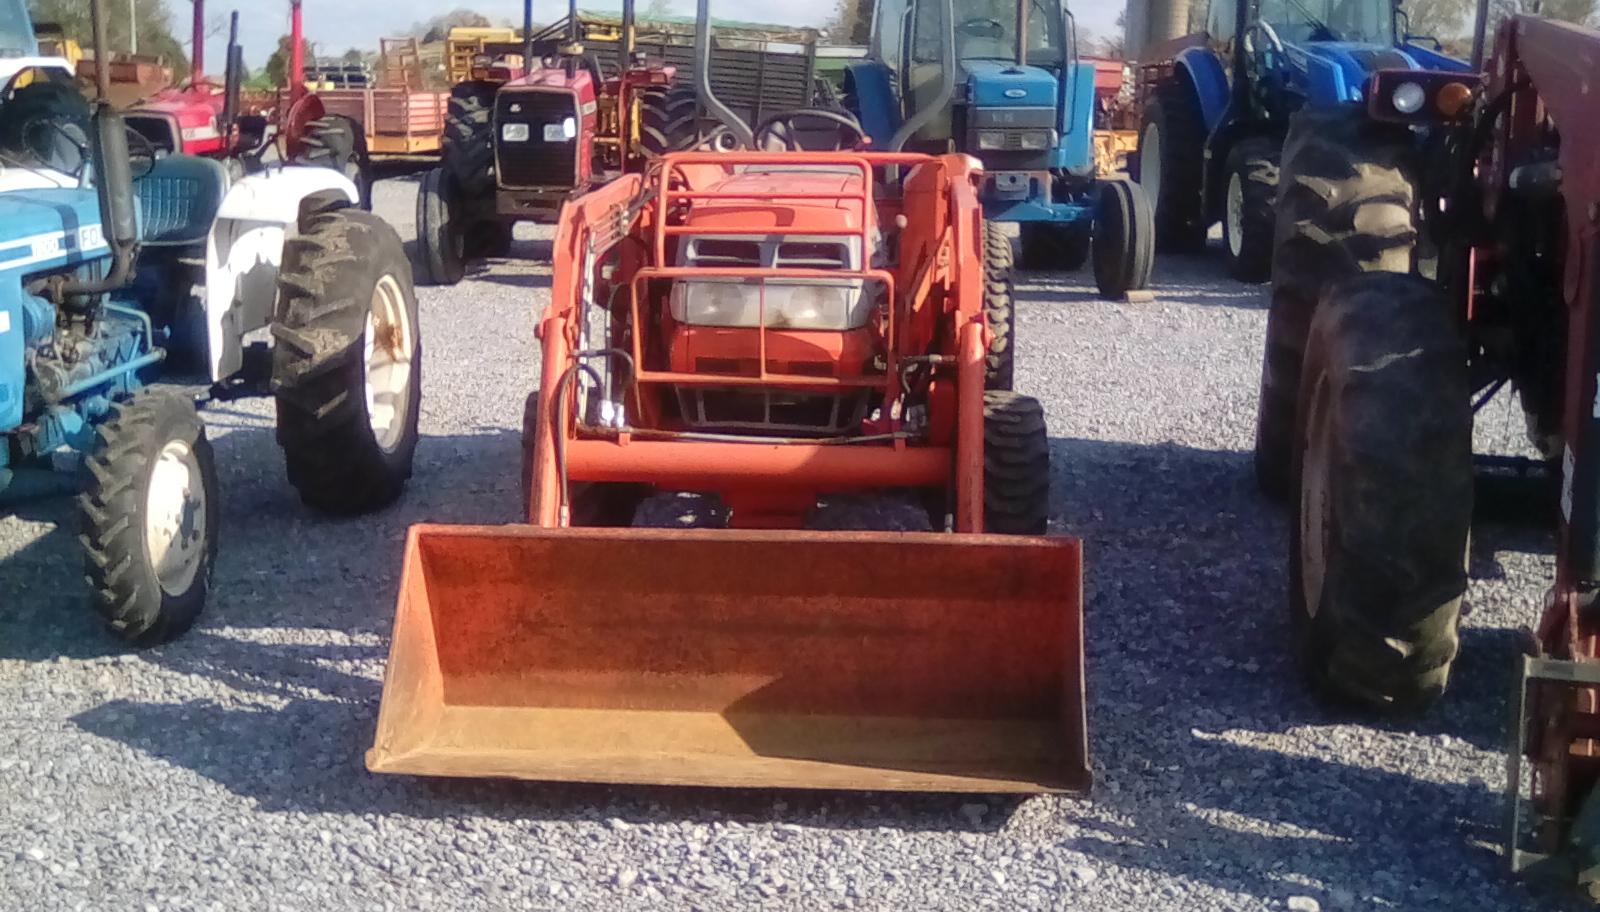 KUBOTA L4200 4 X 4 W/ FRONT END LOADER Image